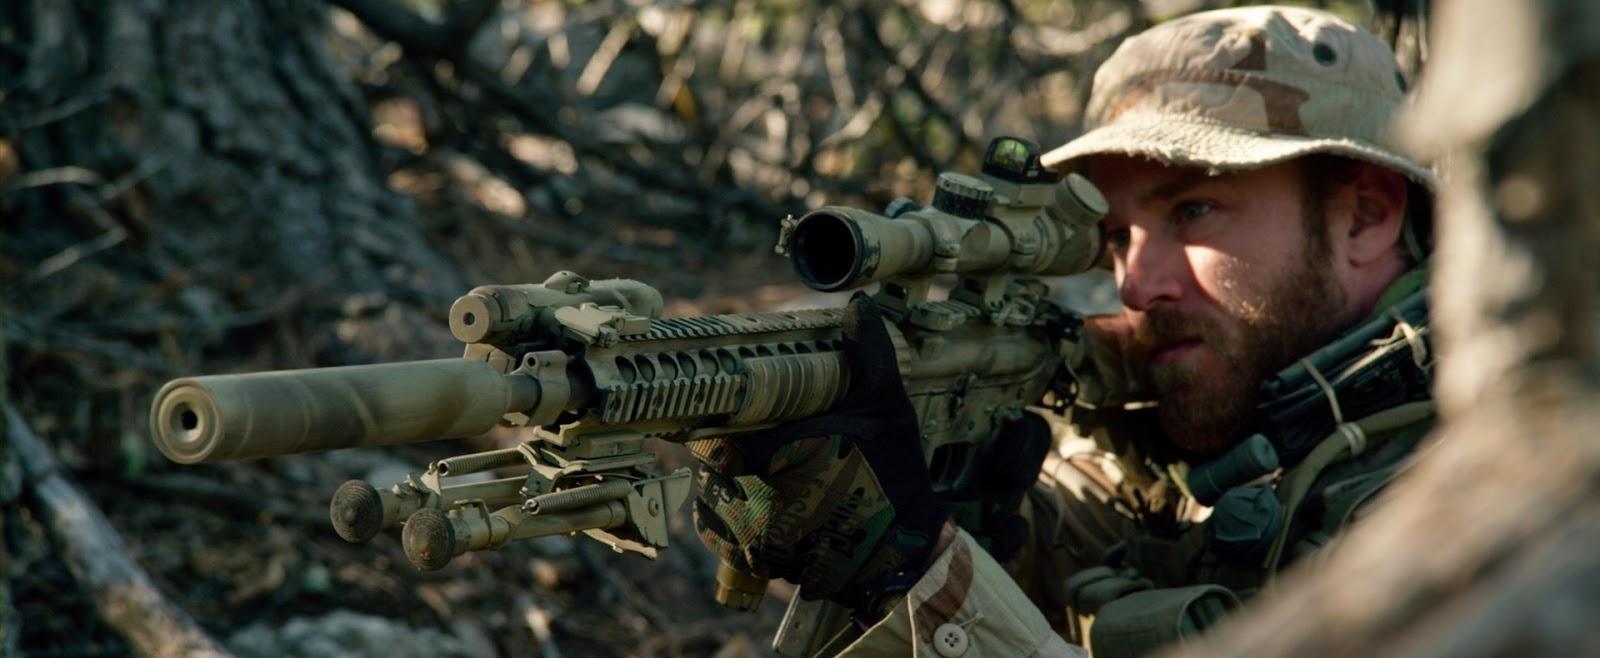 Afghanistan War Movies Sole Survivor